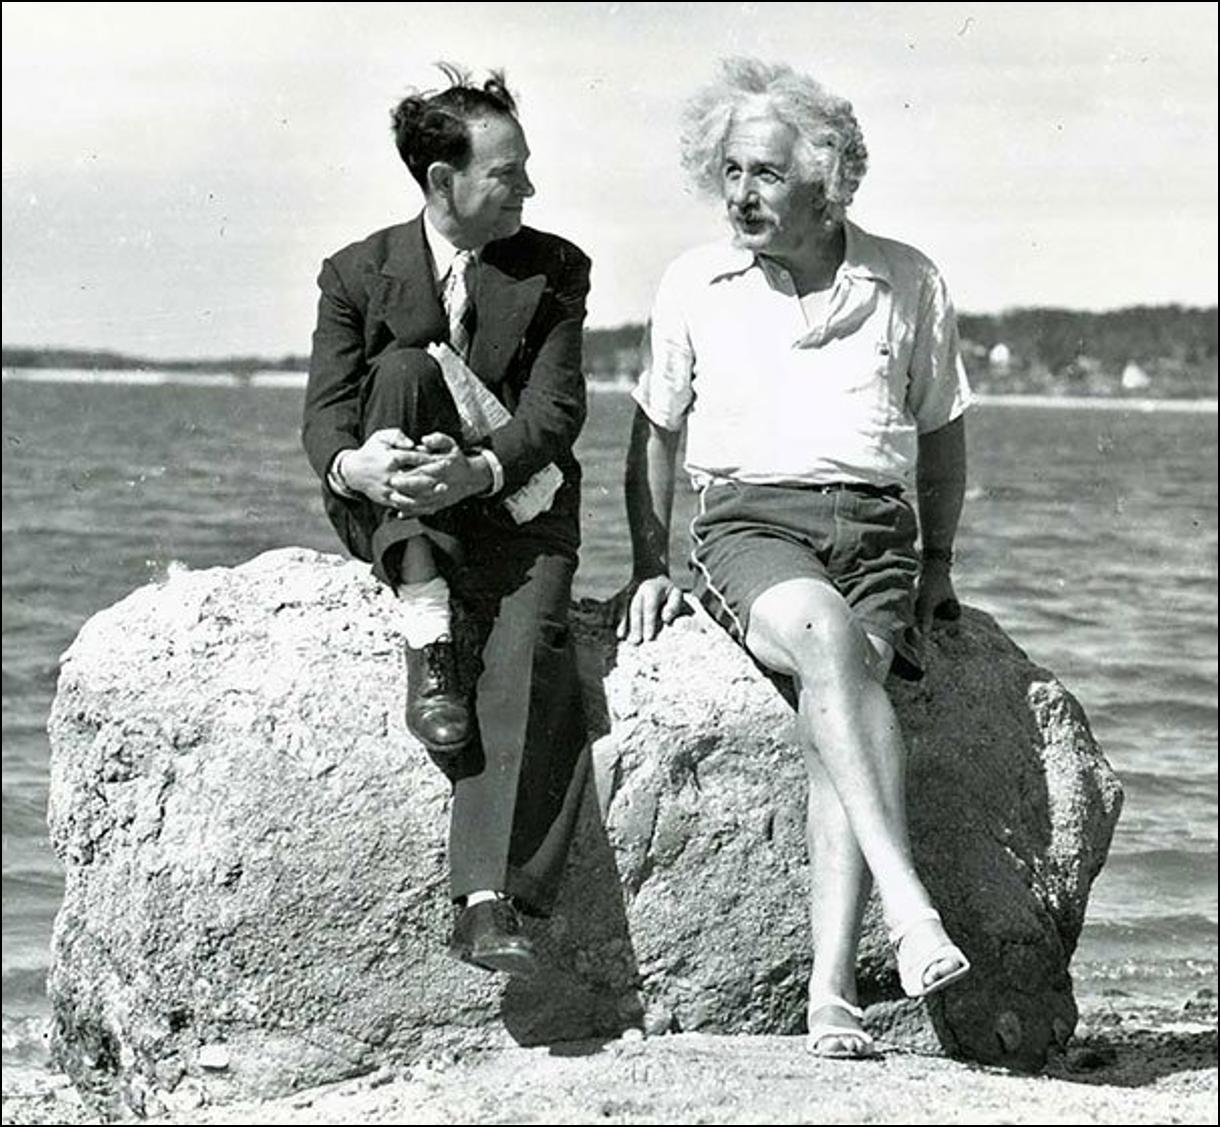 Альберт Эйнштейн, лето 1939, Лонг Айленд Историческая фотография, история, факты